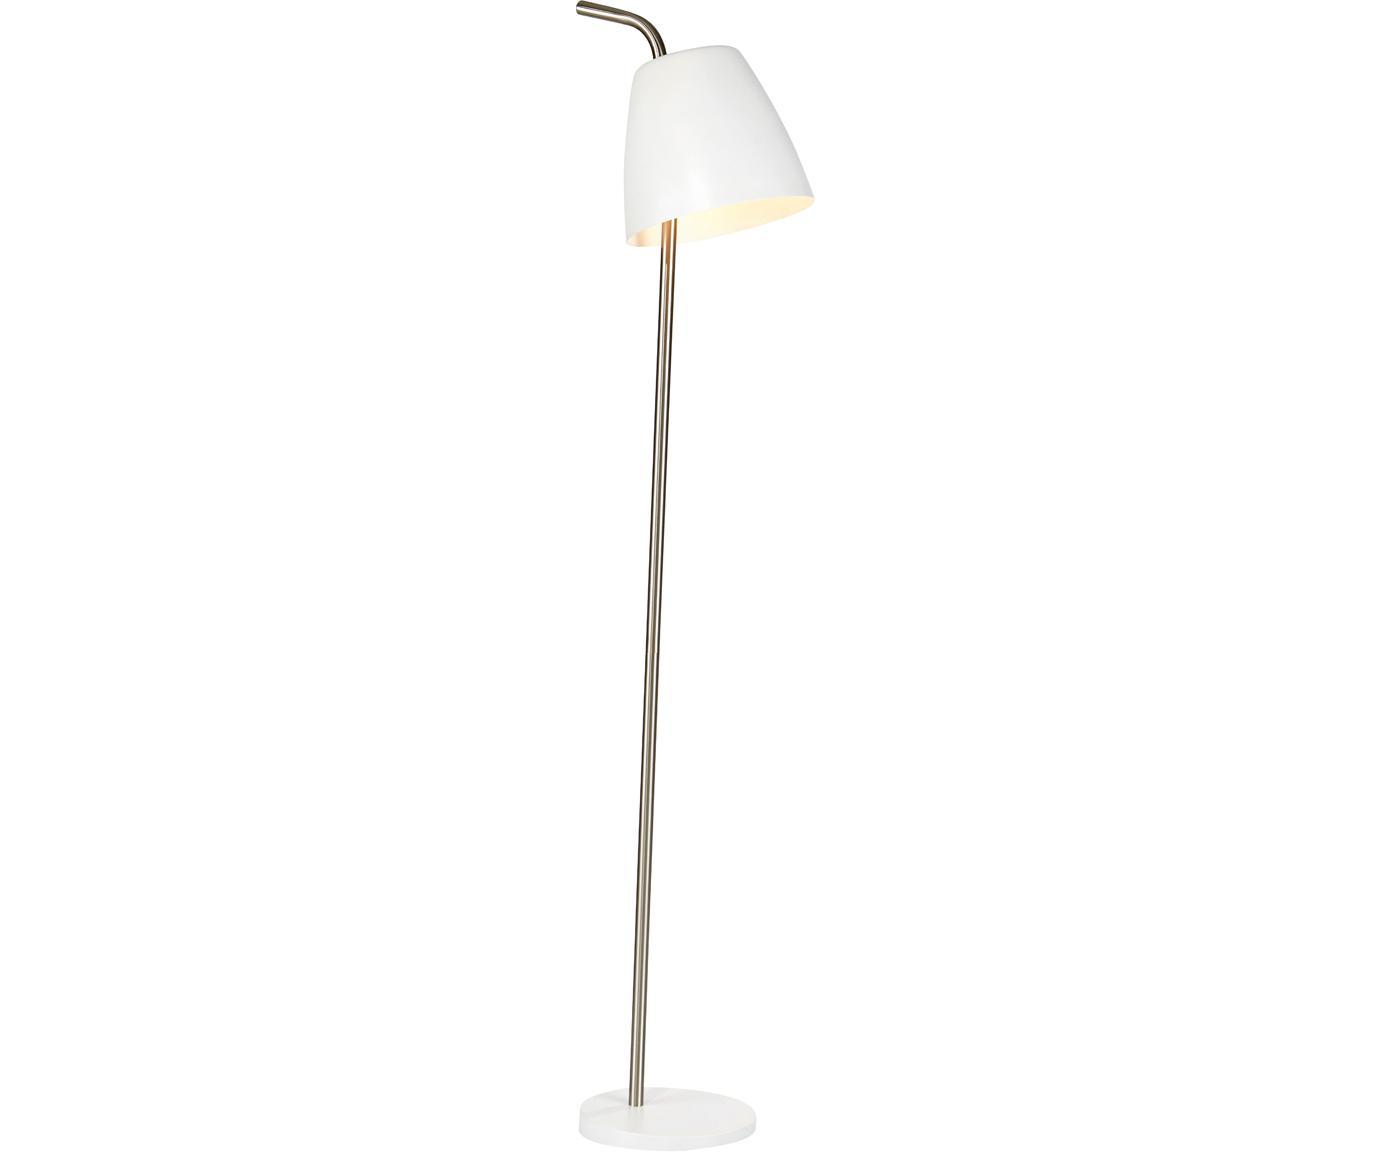 Vloerlamp Spin, Gelakt metaal, Metaalkleurig, Ø 31 x H 137 cm